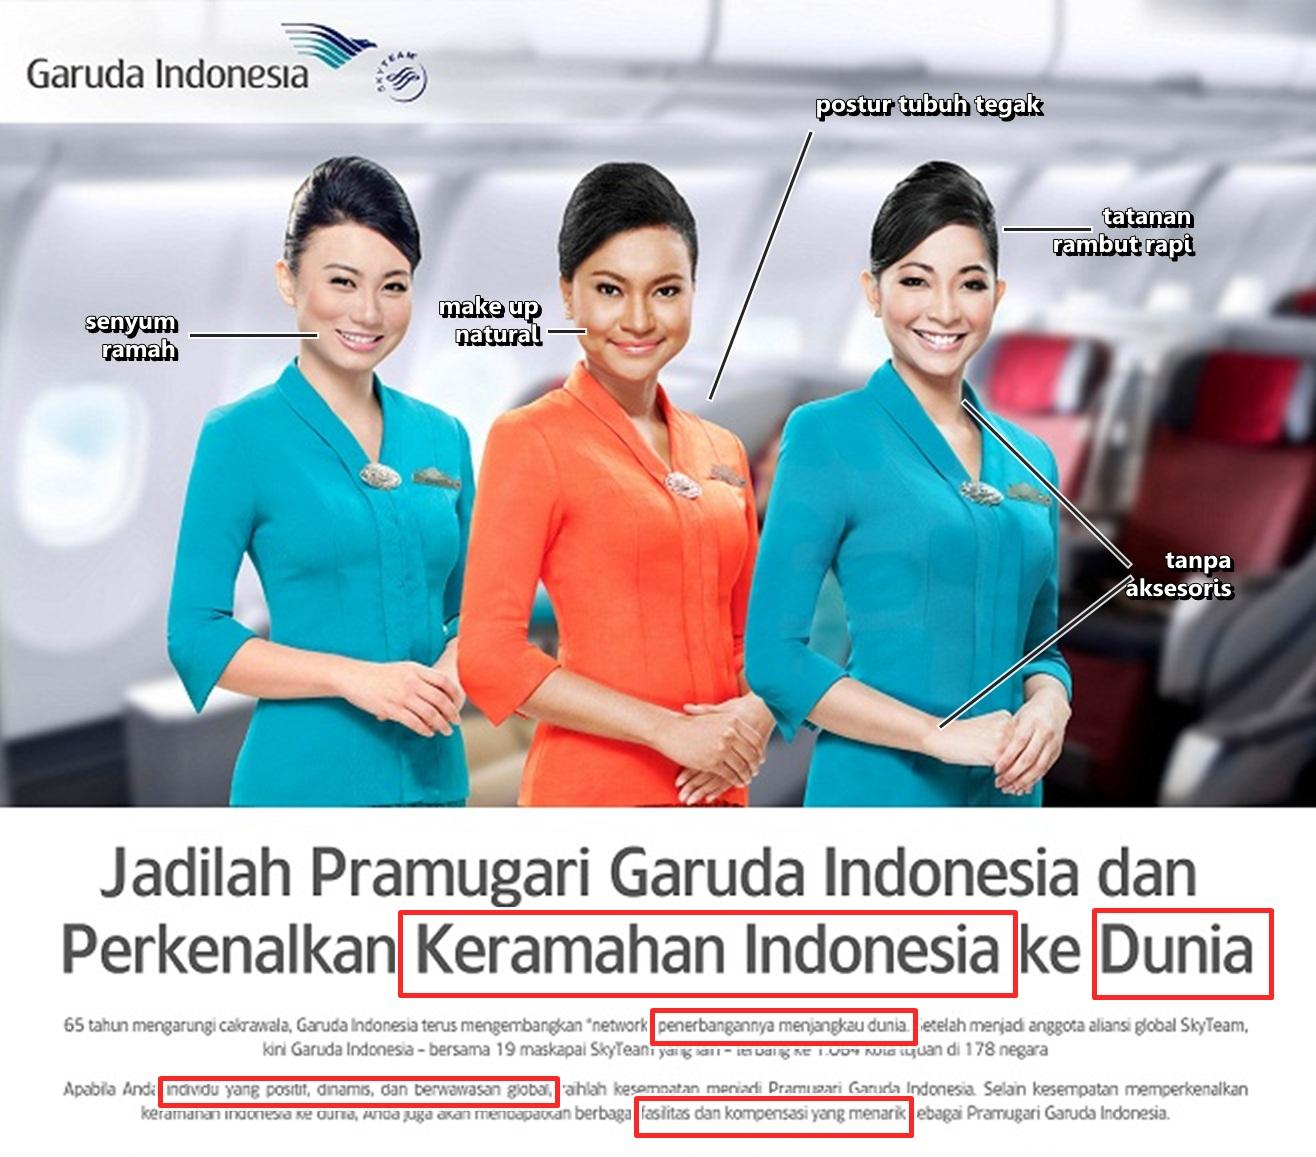 telaah poster Garuda